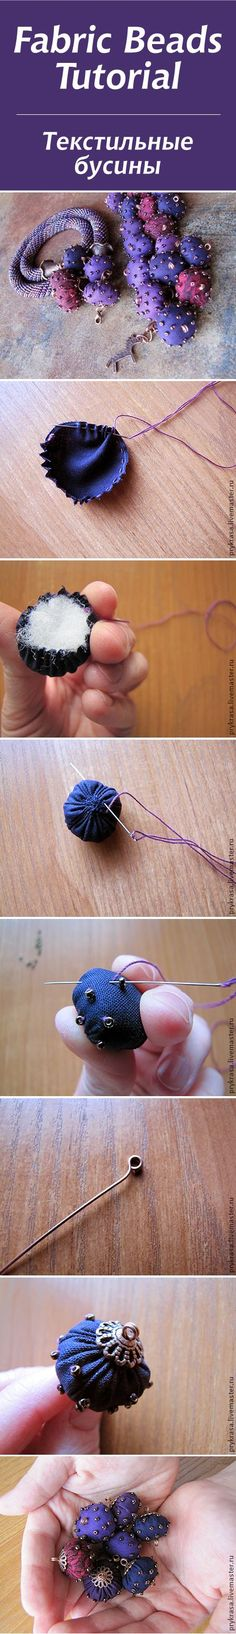 Tutoría de cuentas de tela - Fabric beads tutorial